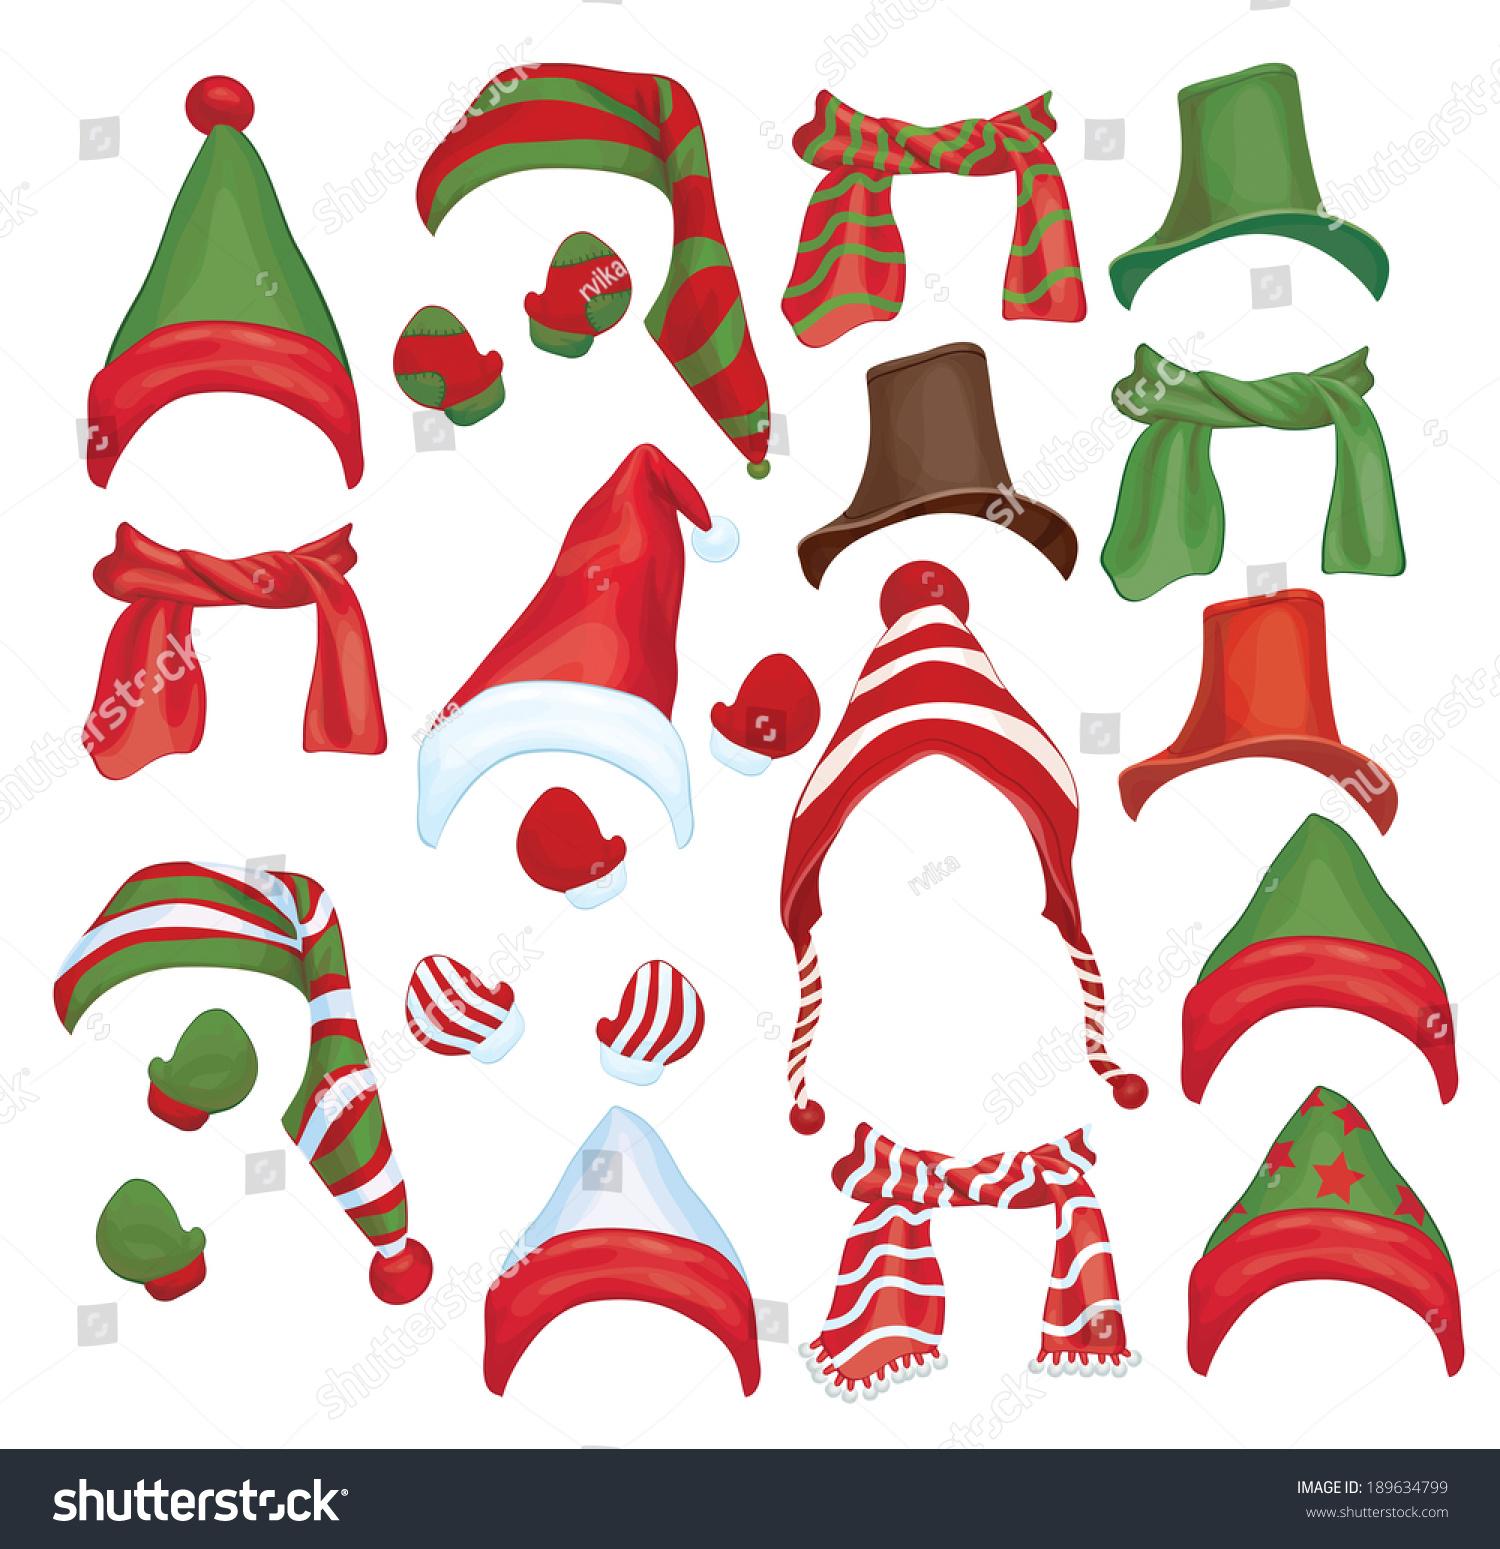 向量组的帽子,围巾和手套设计孤立